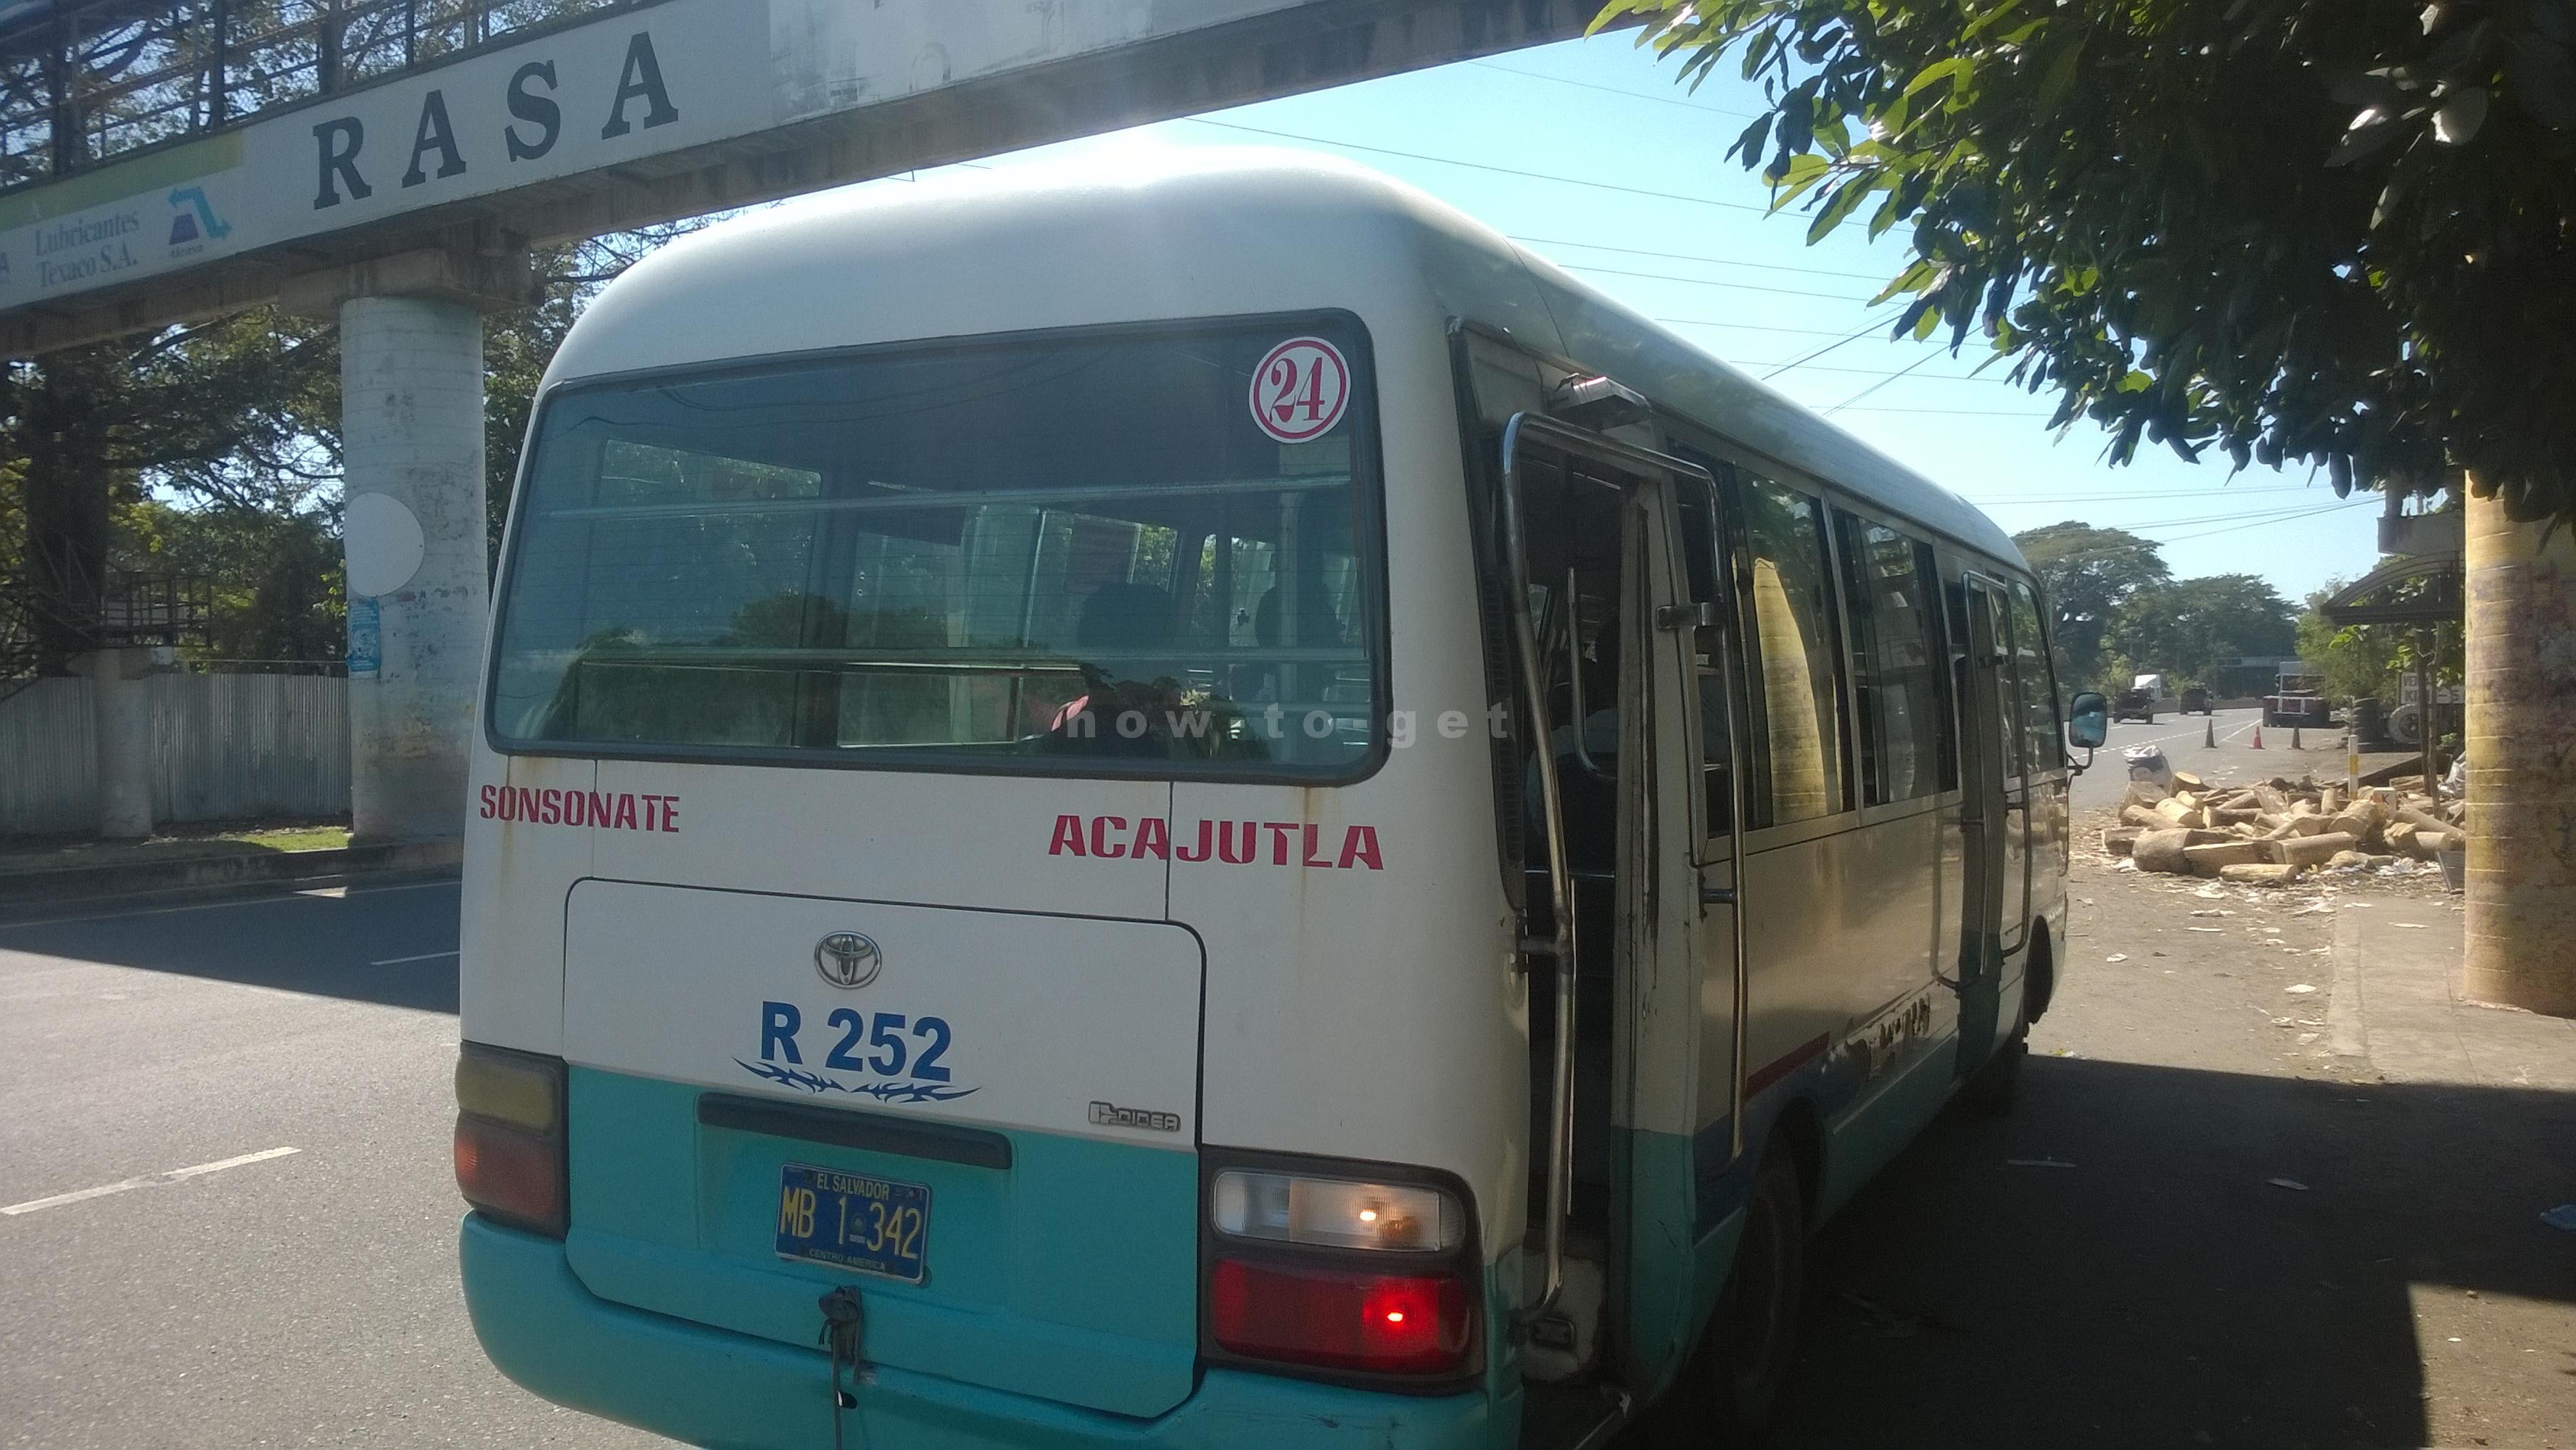 Автобус Акахутла-Сонсонате